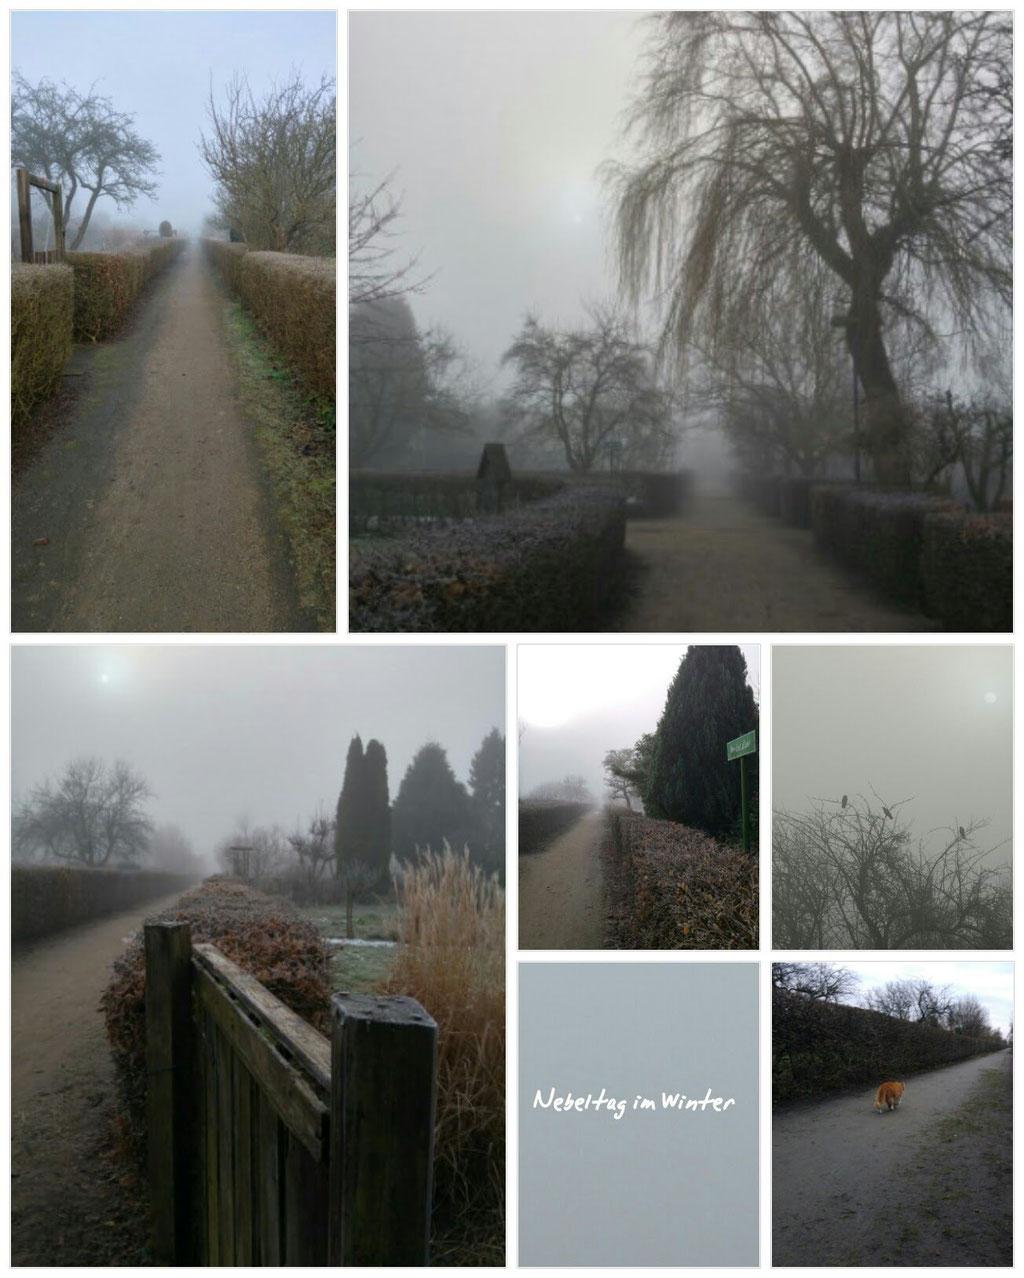 Nebeltag im Winter